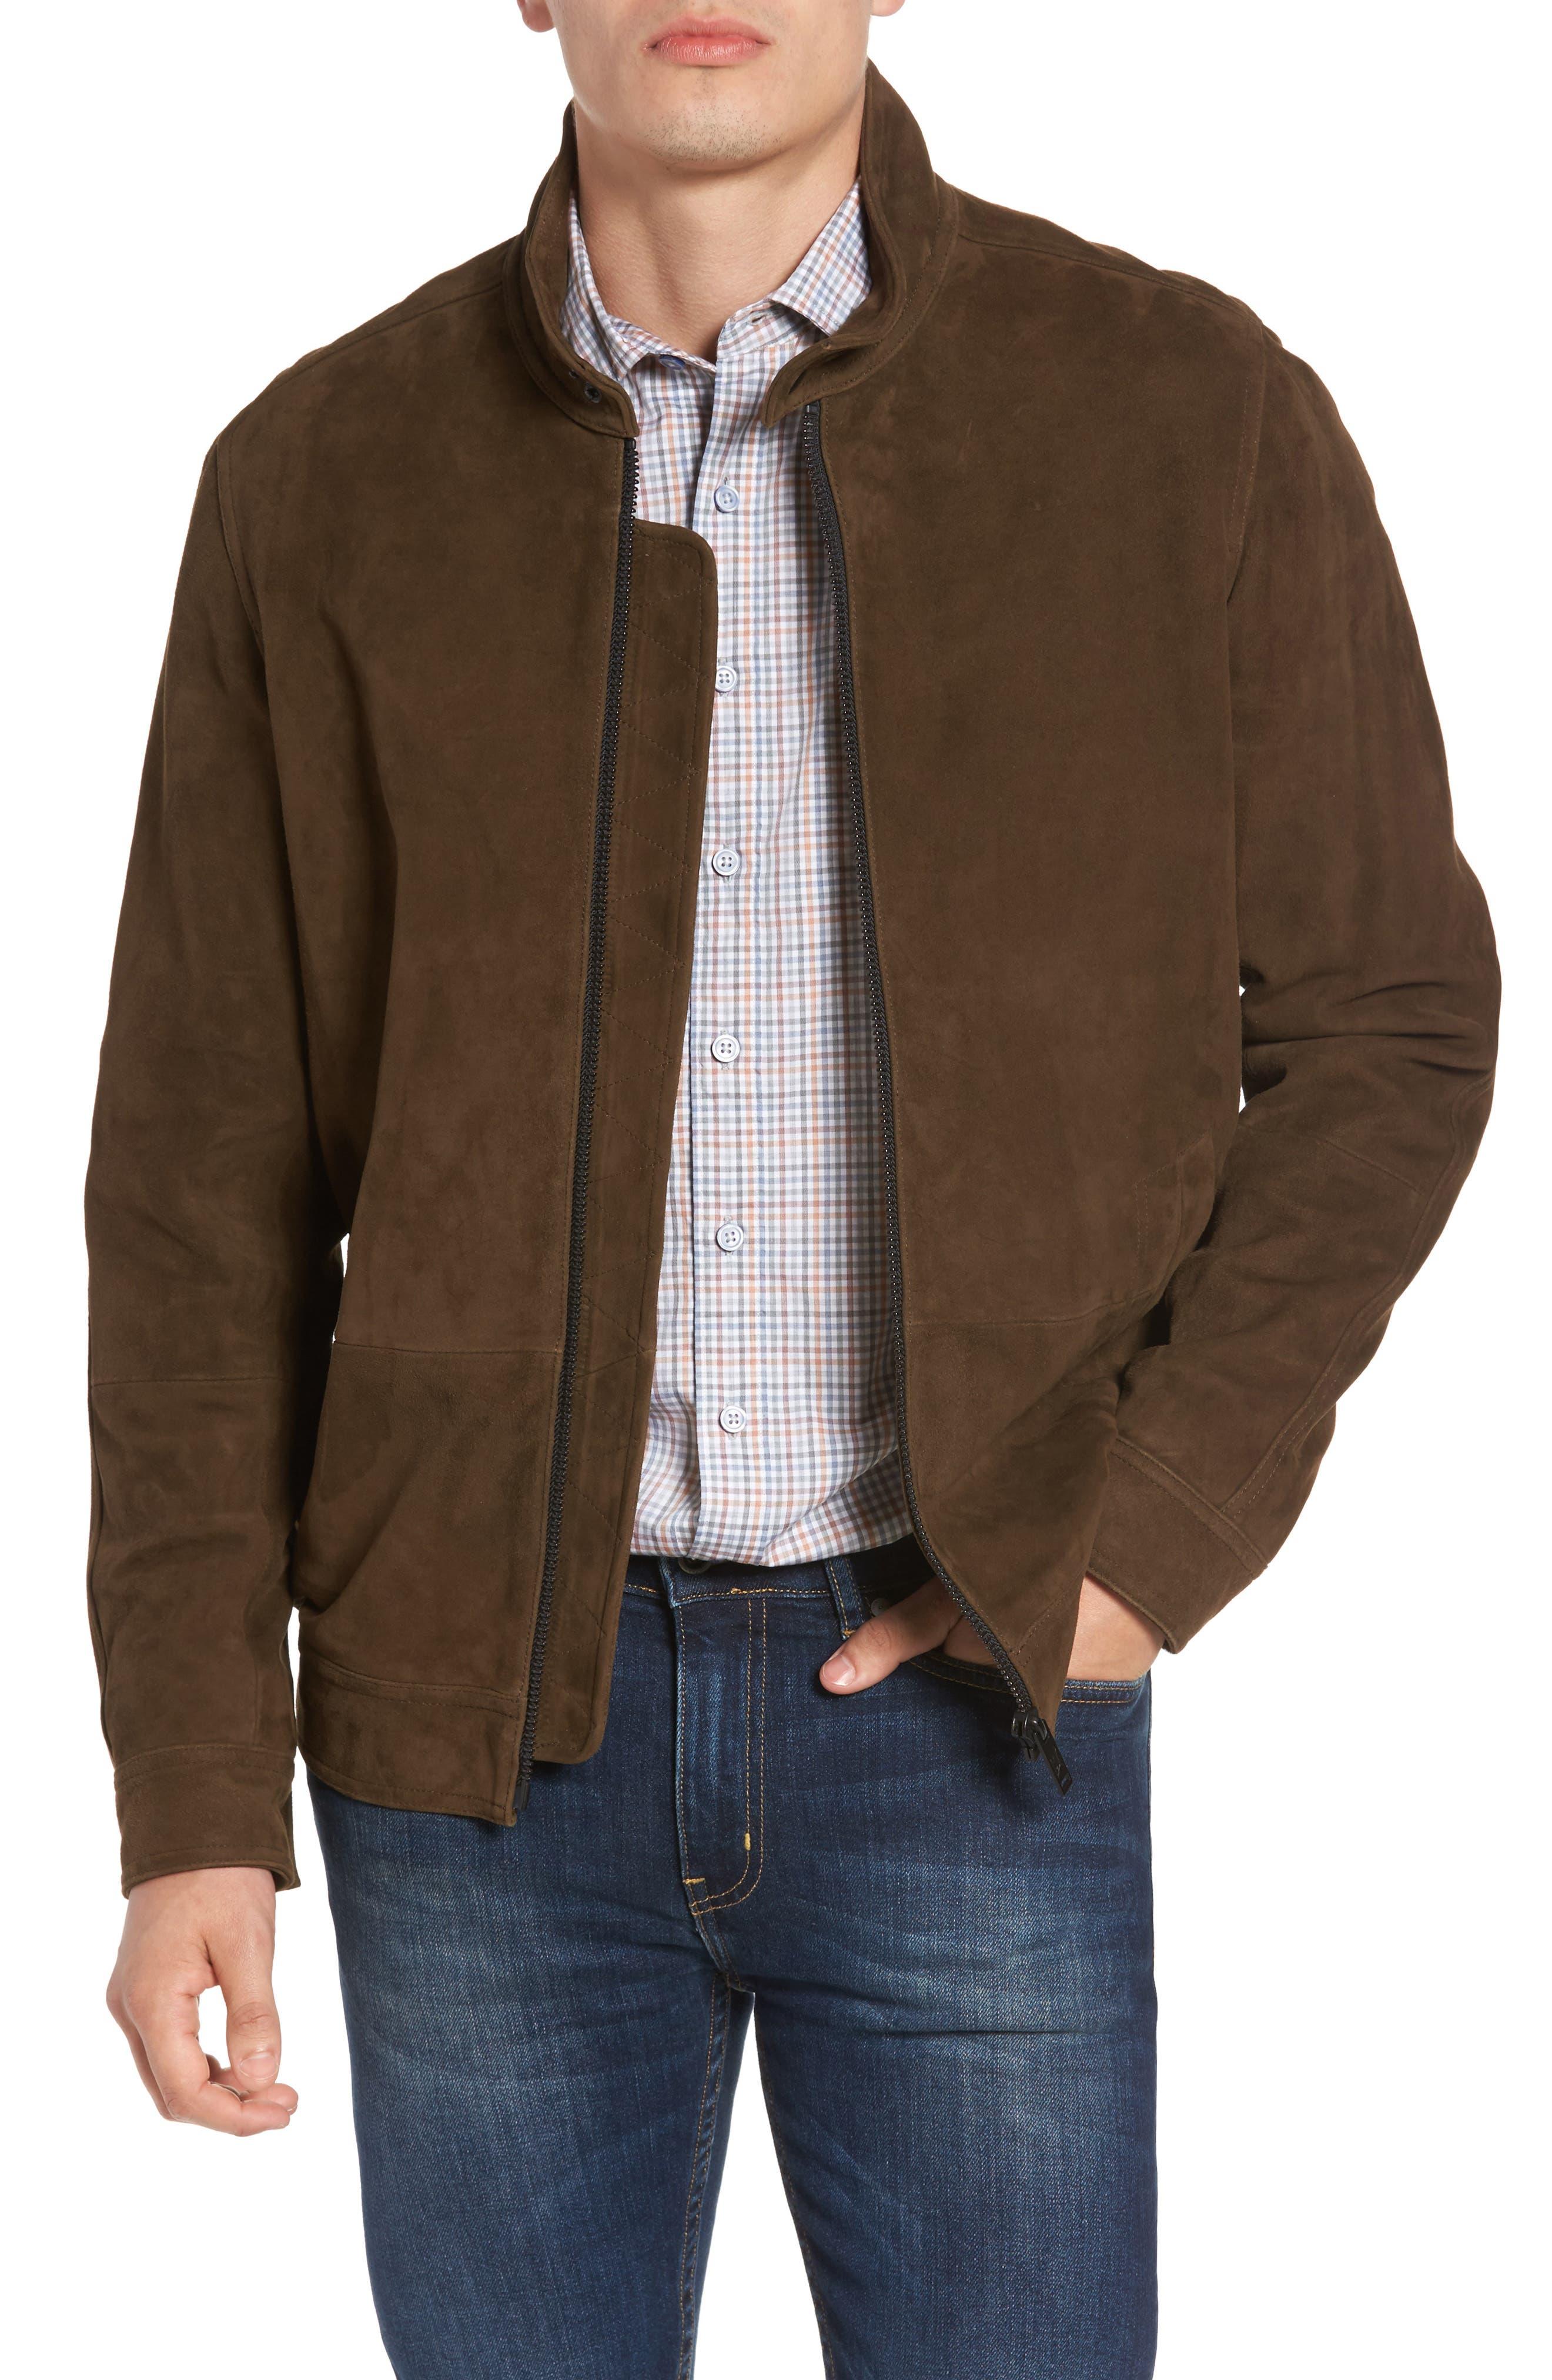 Avondale Suede Jacket,                         Main,                         color, Tan